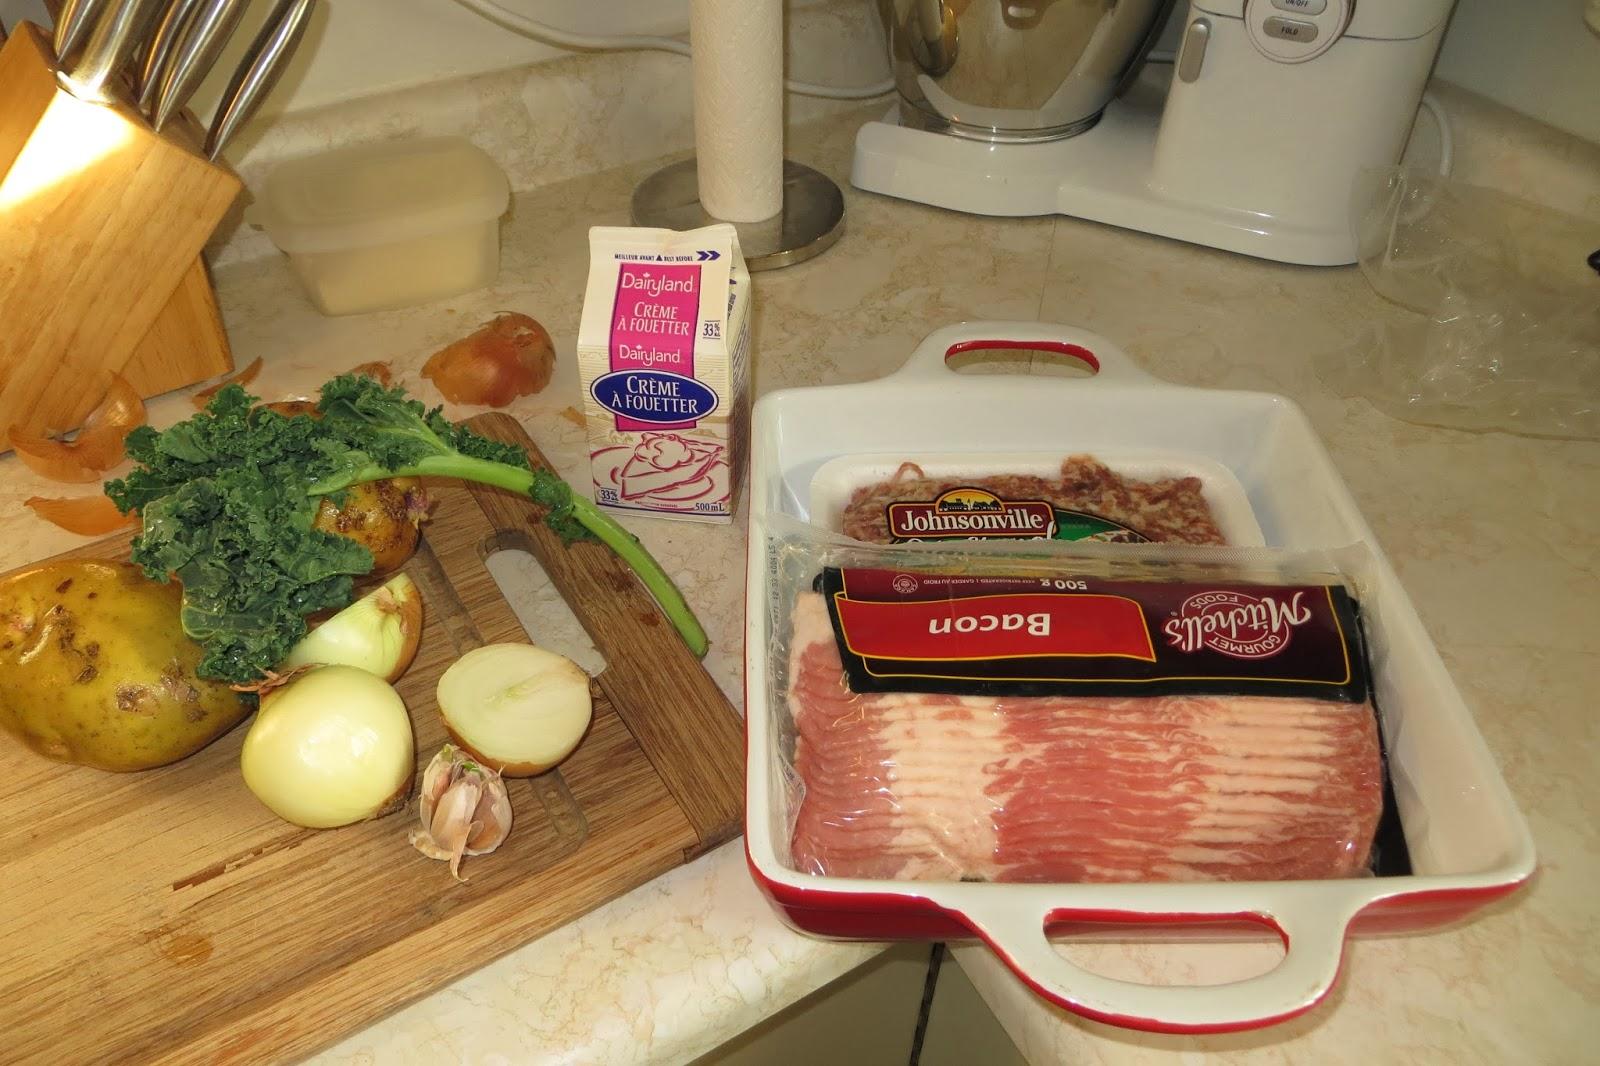 The Norwegian Cook